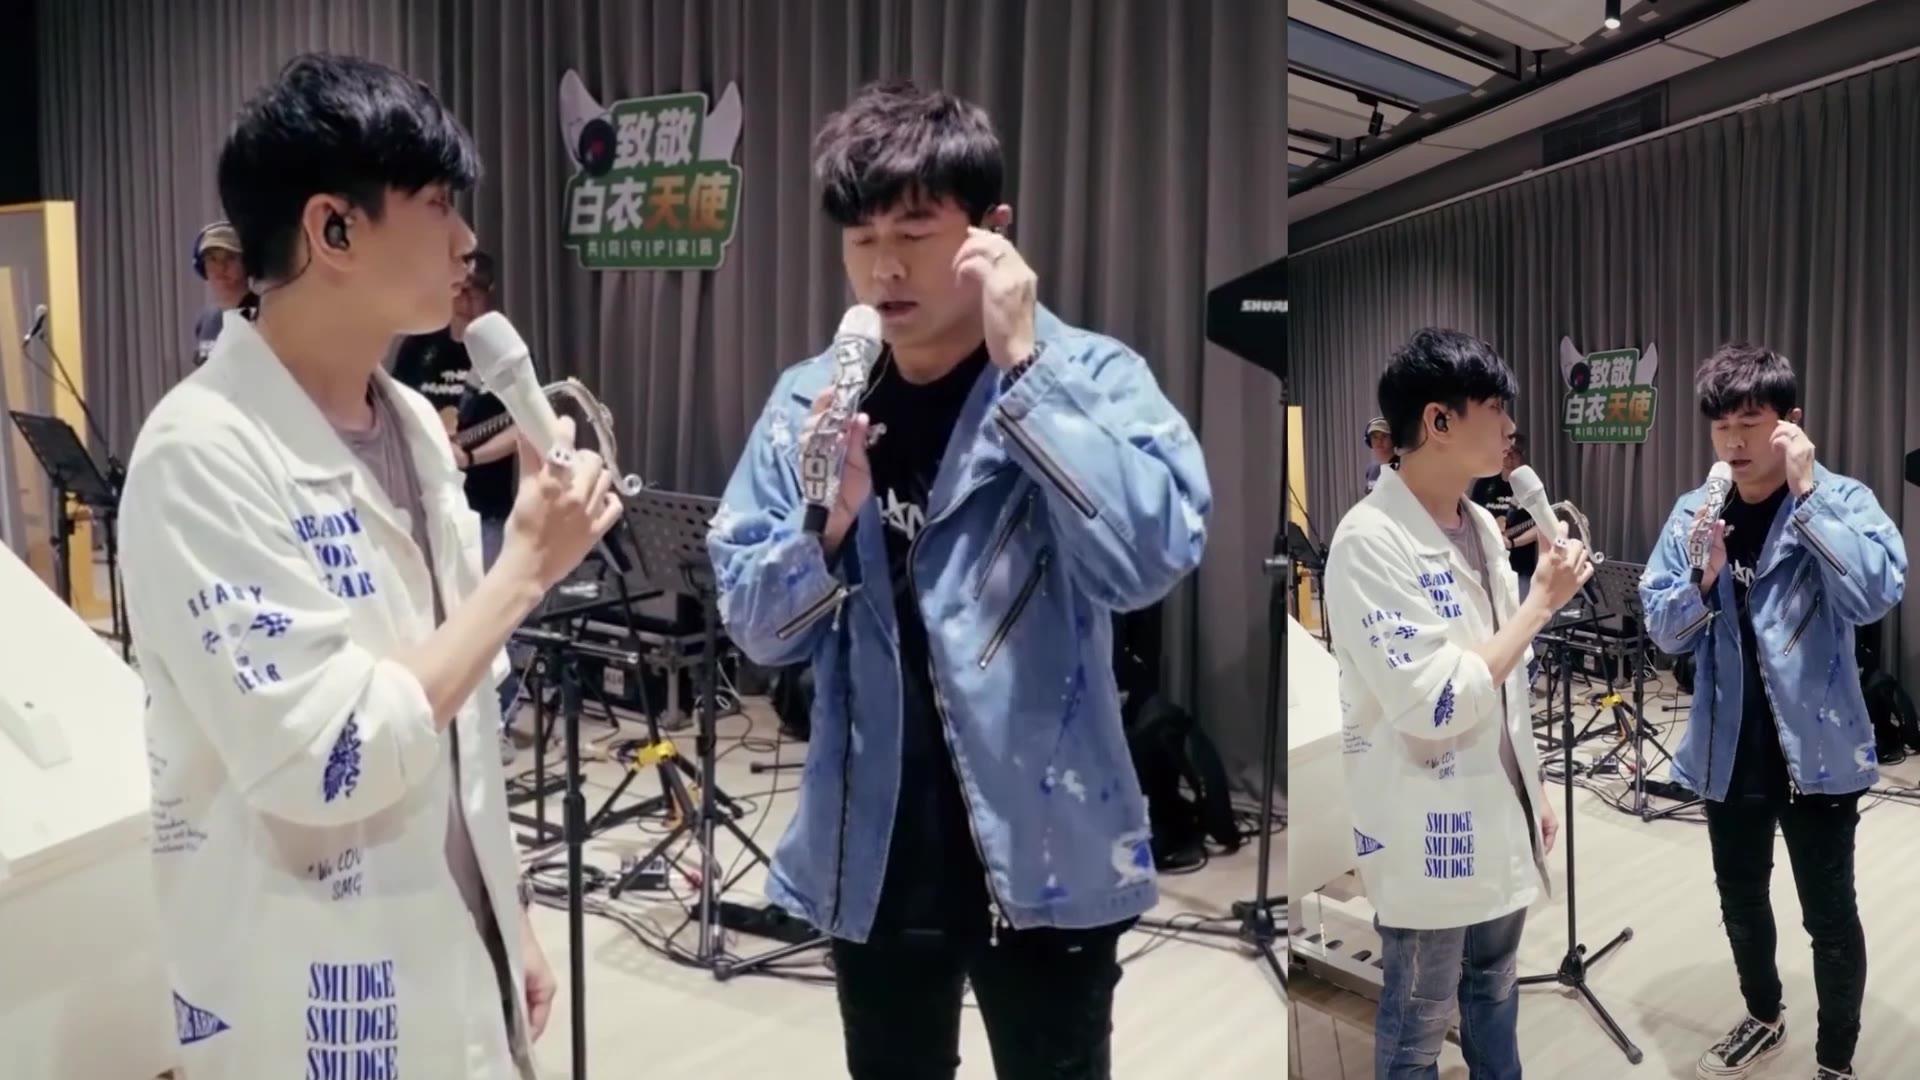 周杰伦和林俊杰这个视频火了!林俊杰的唱功讲解!